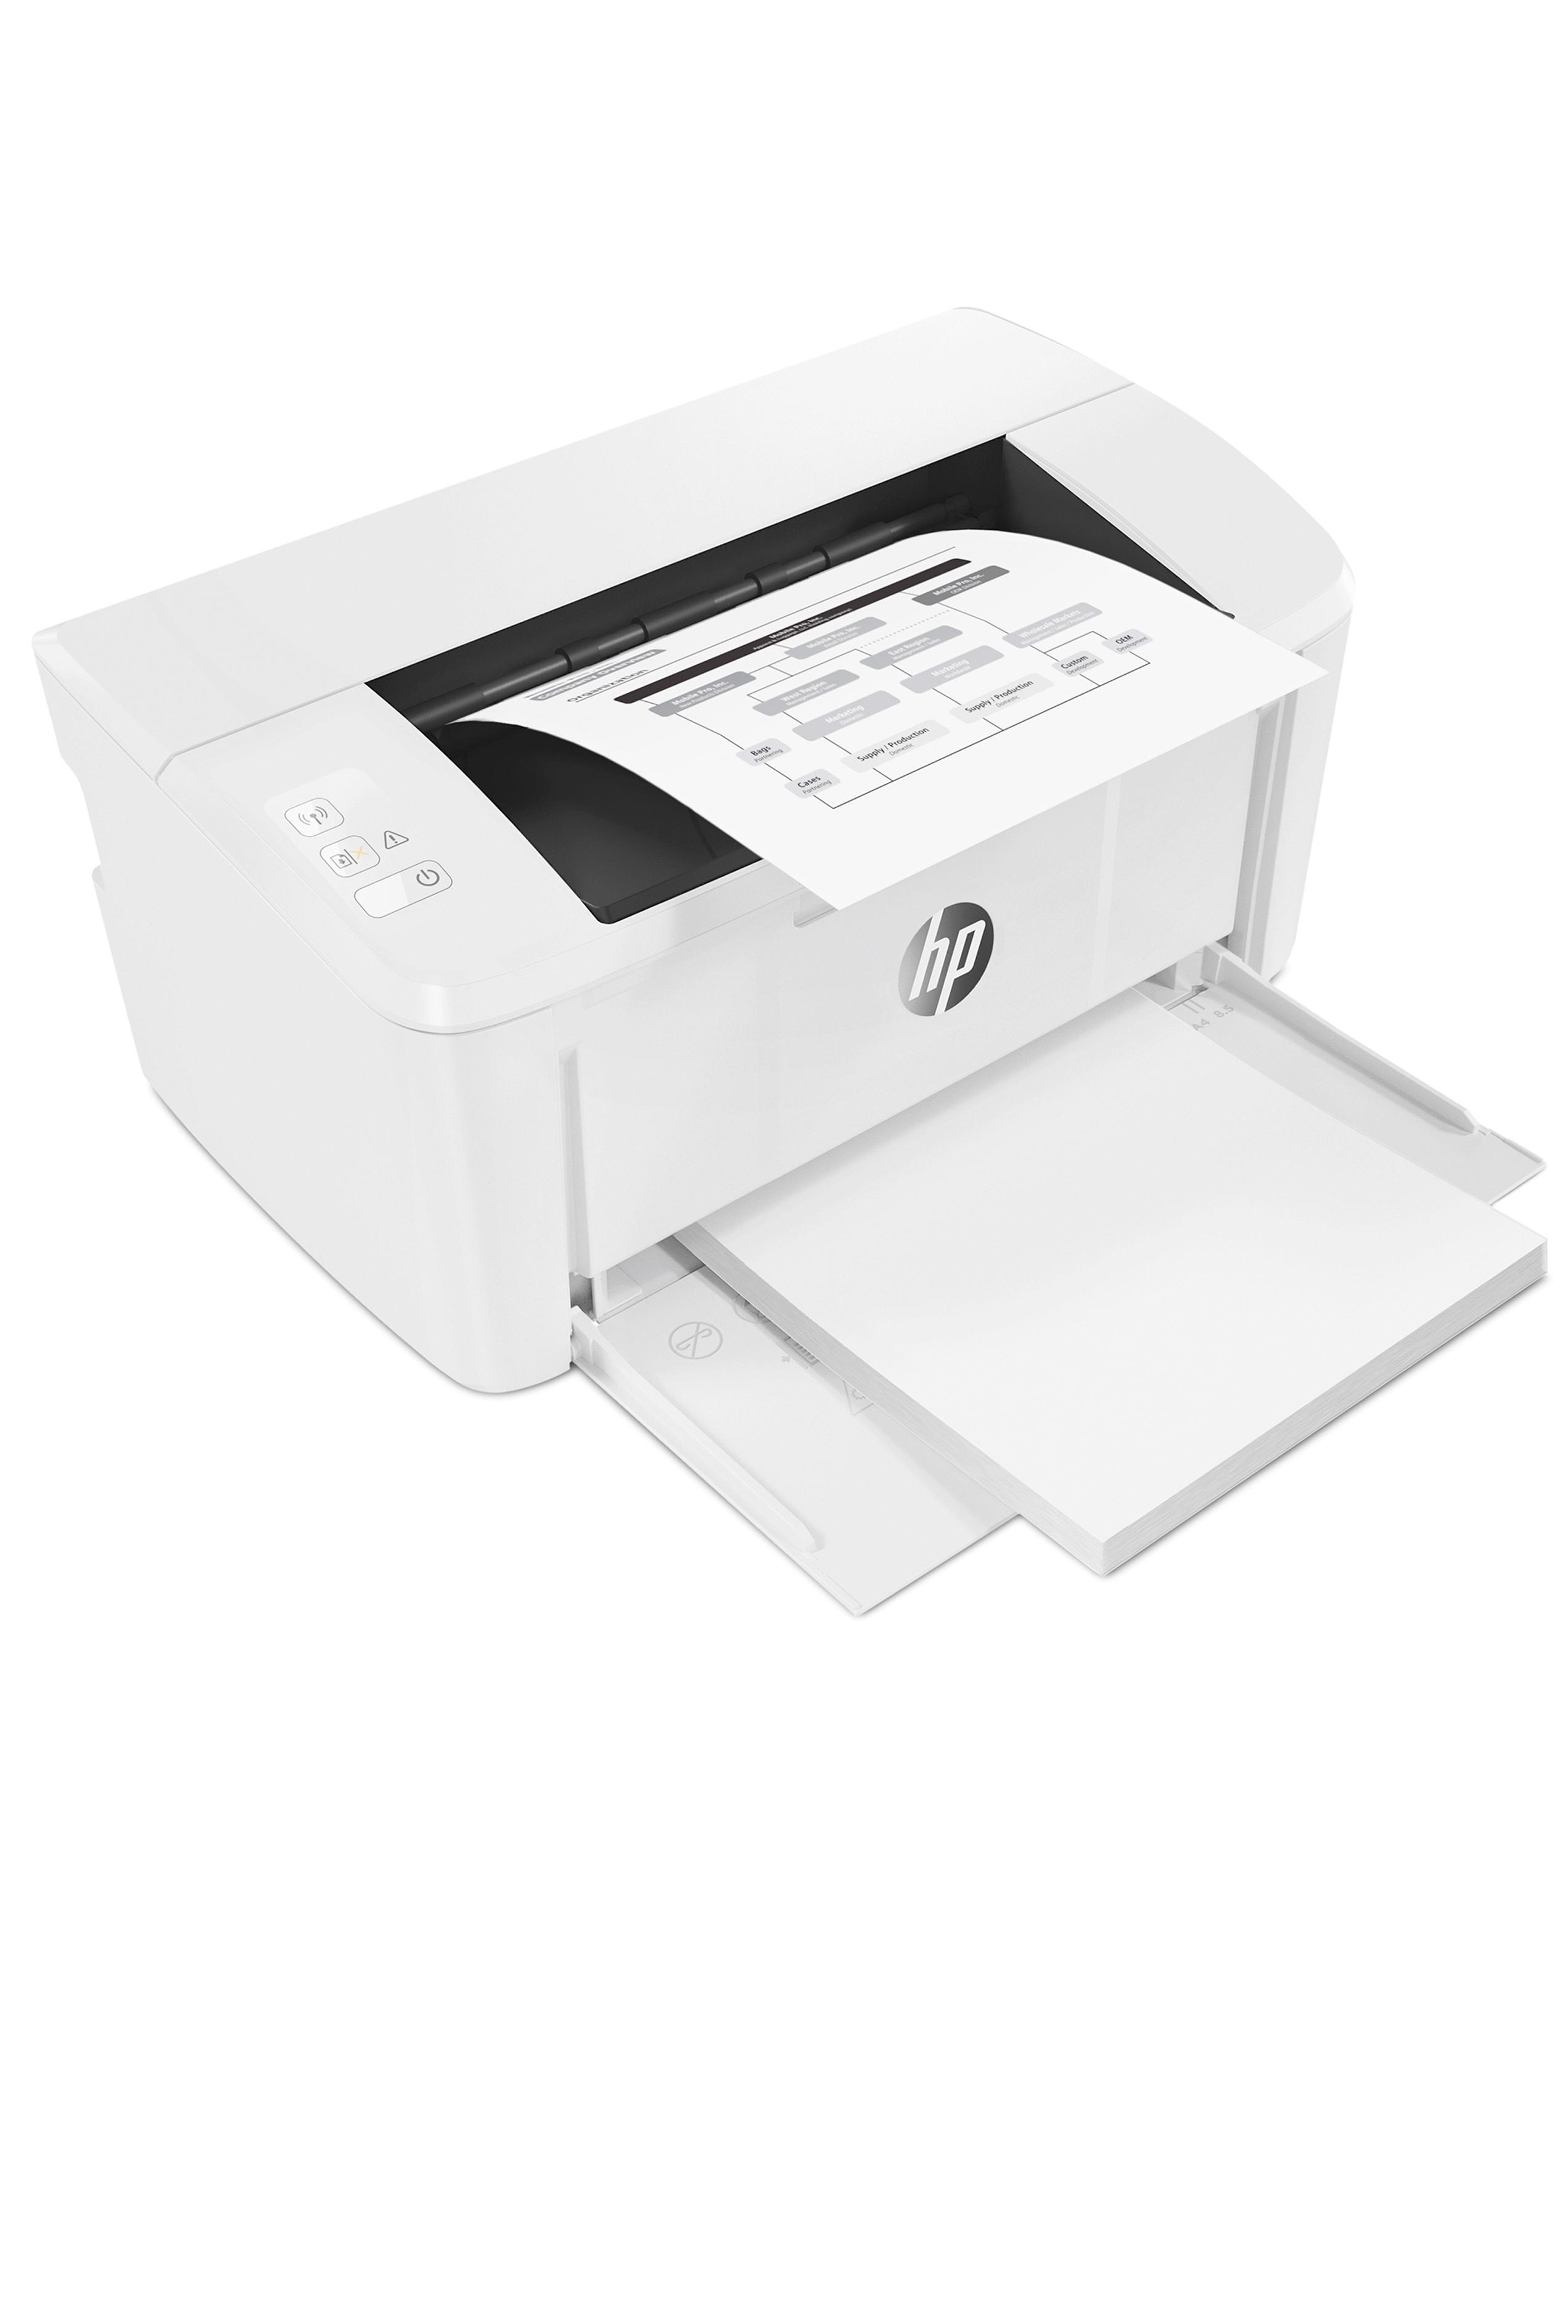 HP LASERJET PRO M15W MONOCHROME PRINTER (18 PPM)